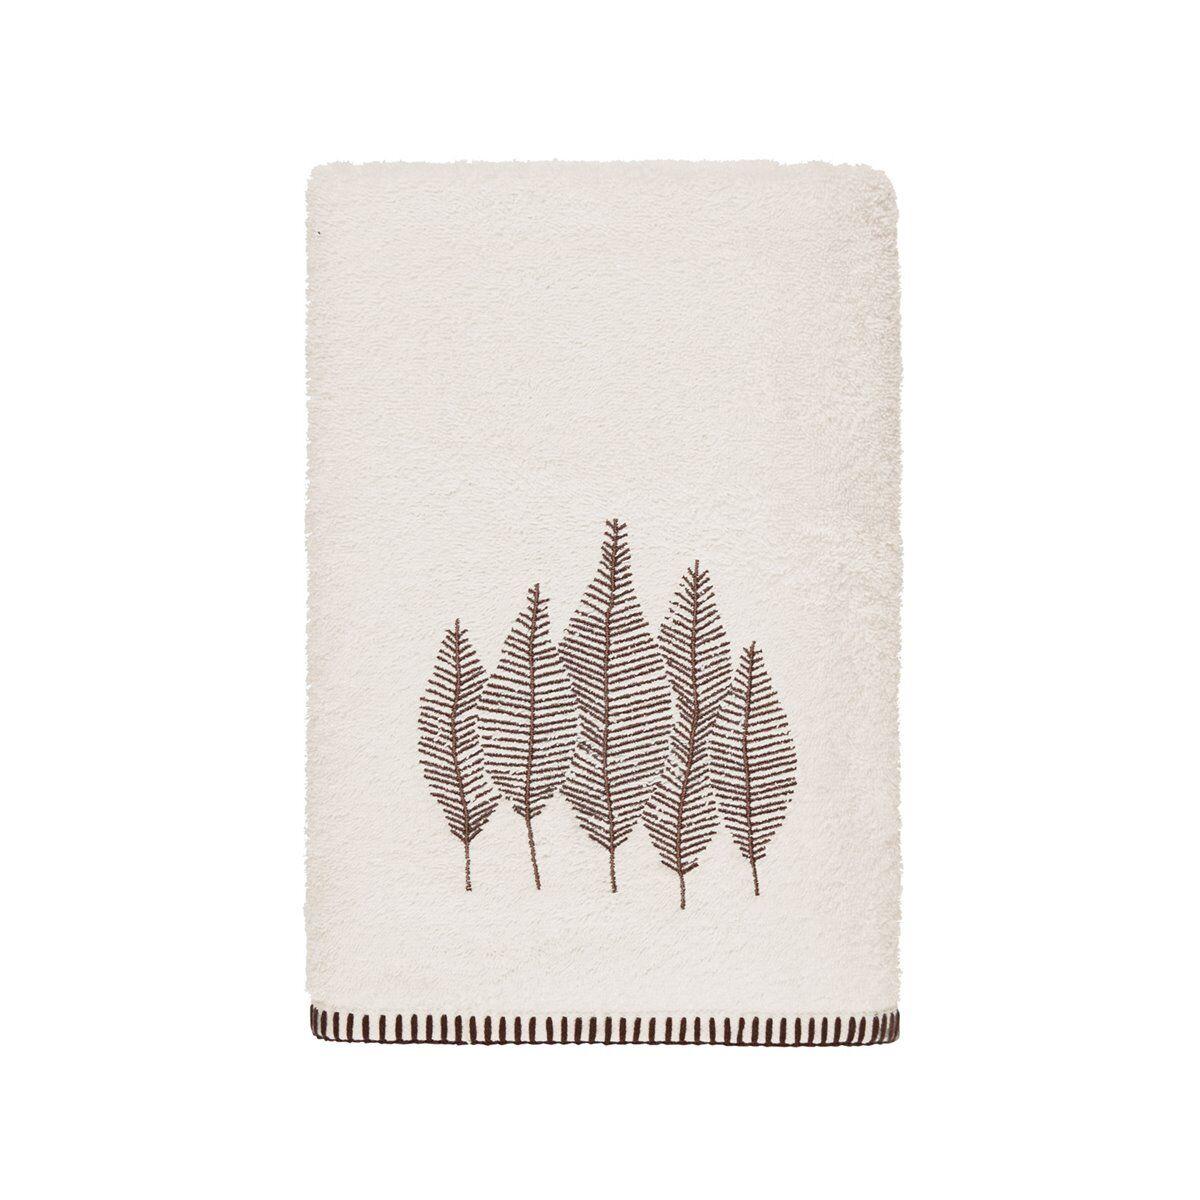 Sensei Drap de bain coton biologique  Ecru 70x140